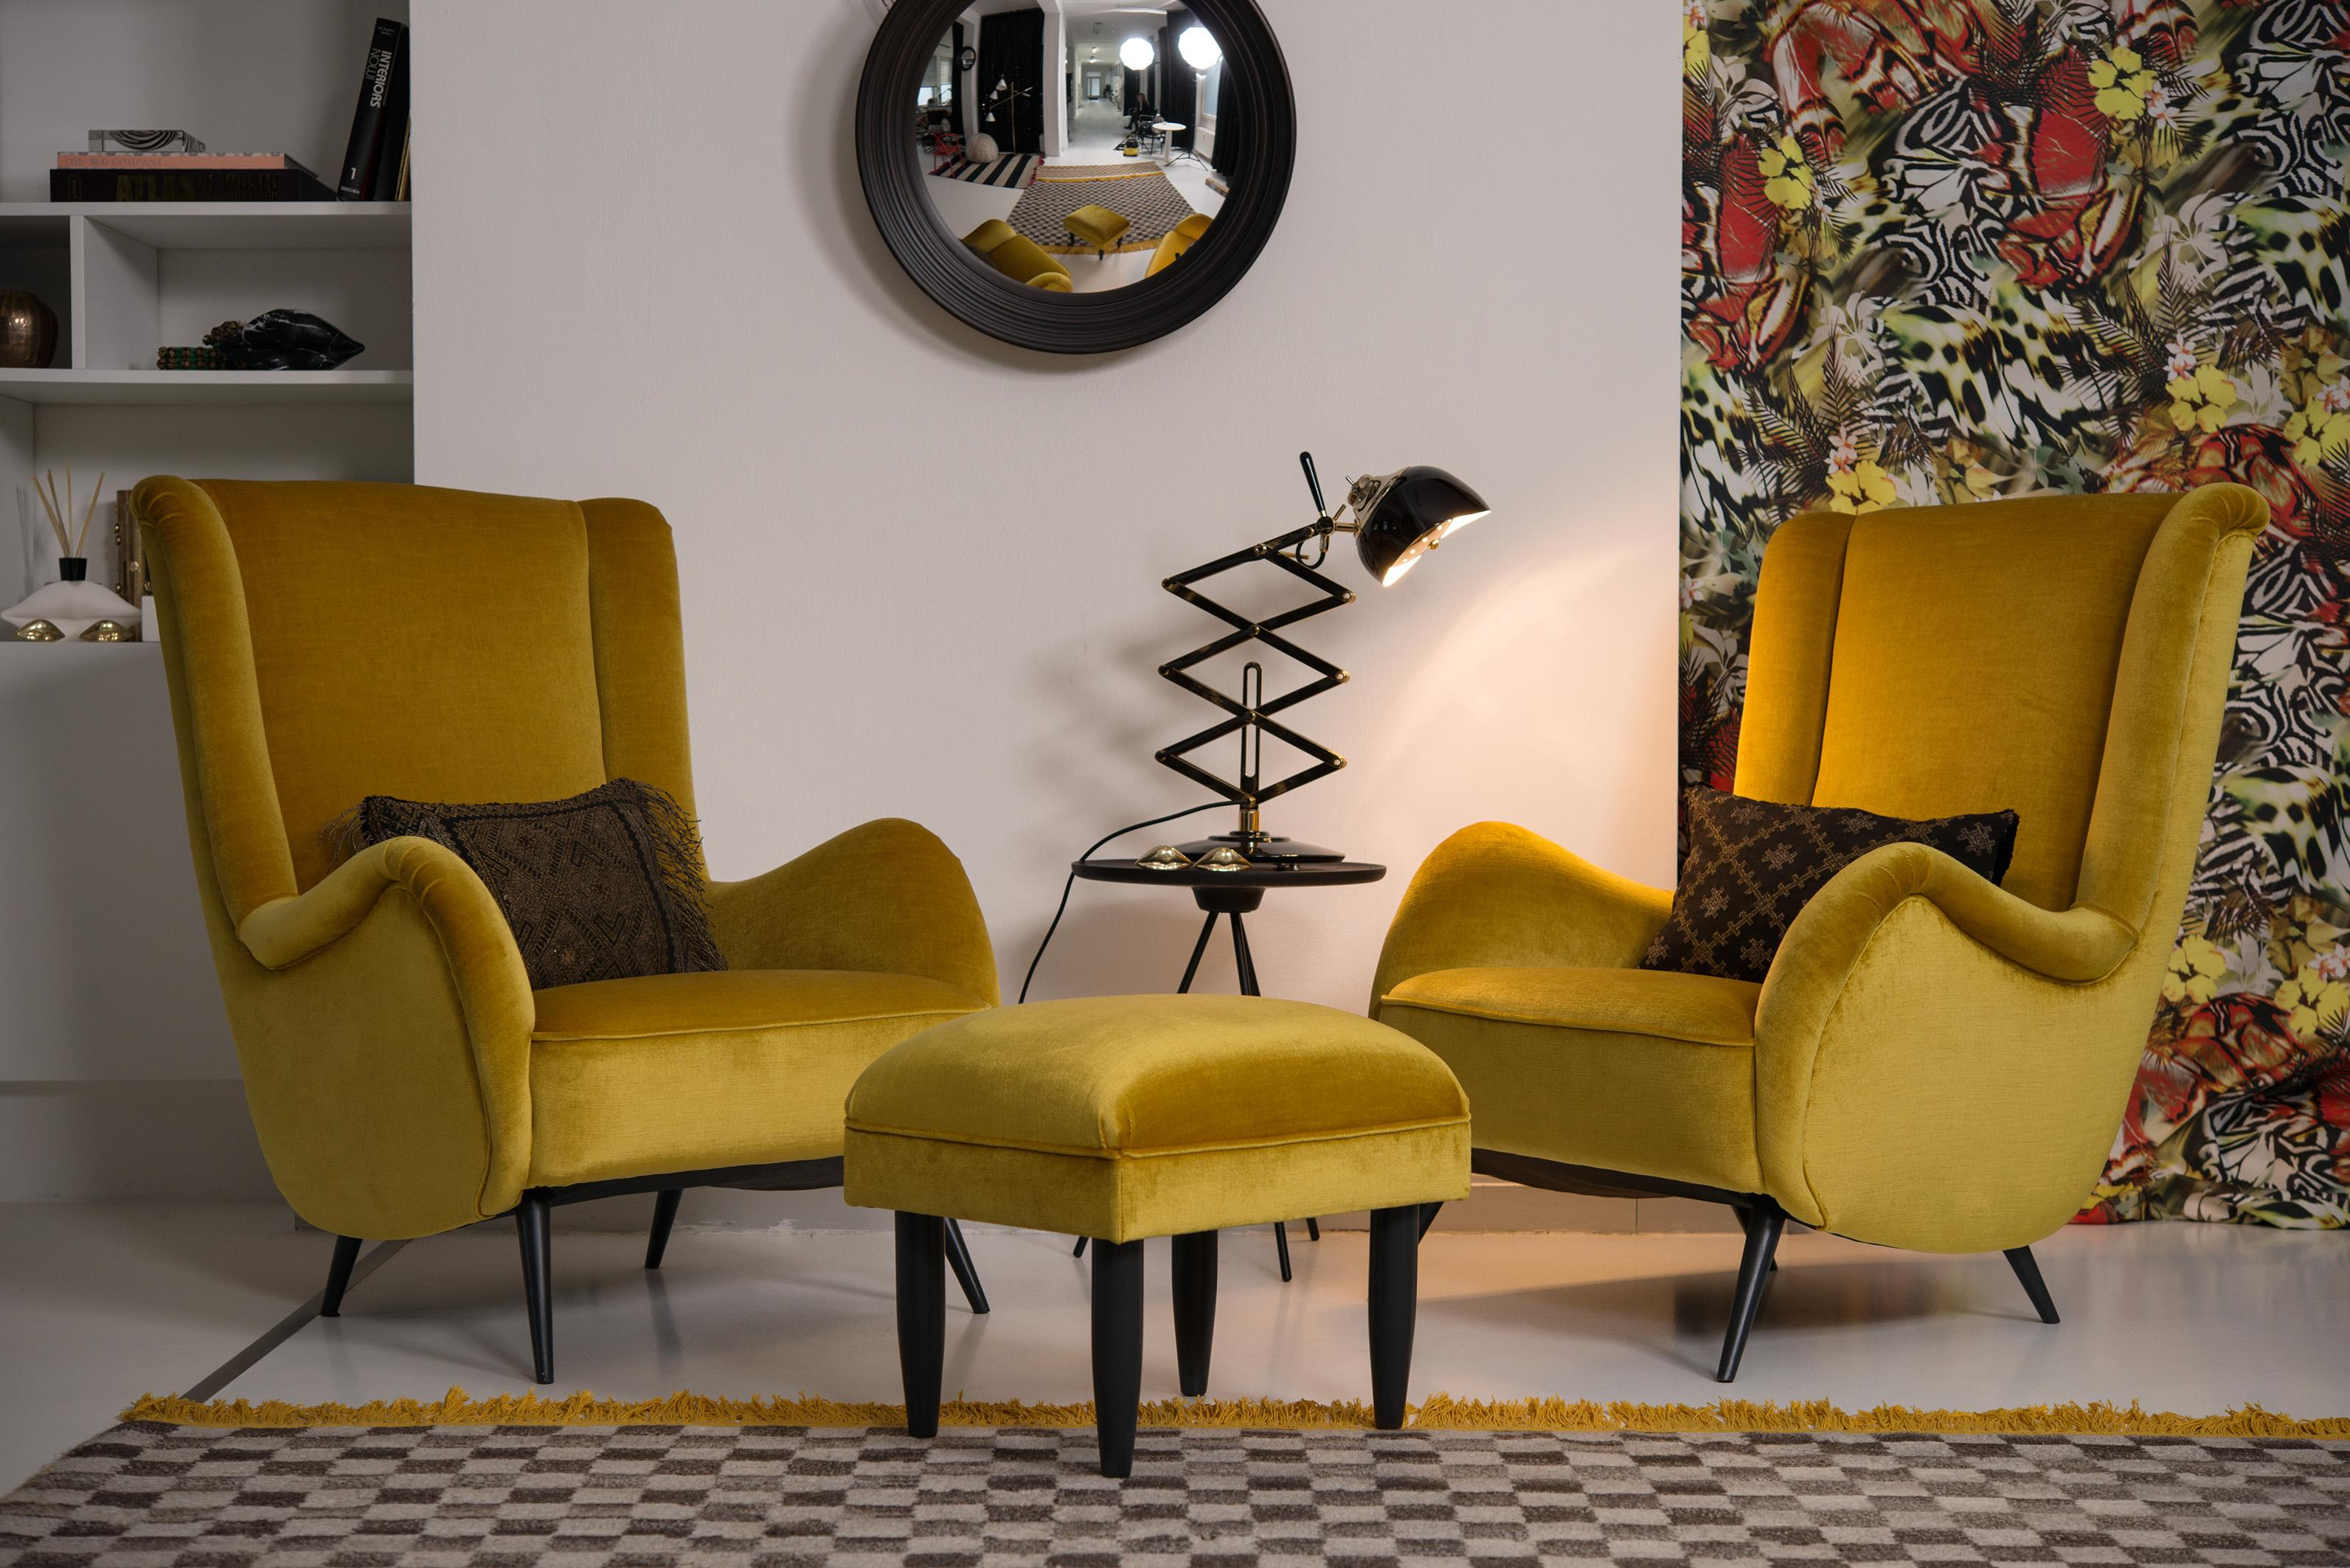 Sitzecke Wohnzimmer Sessel - Zuhause